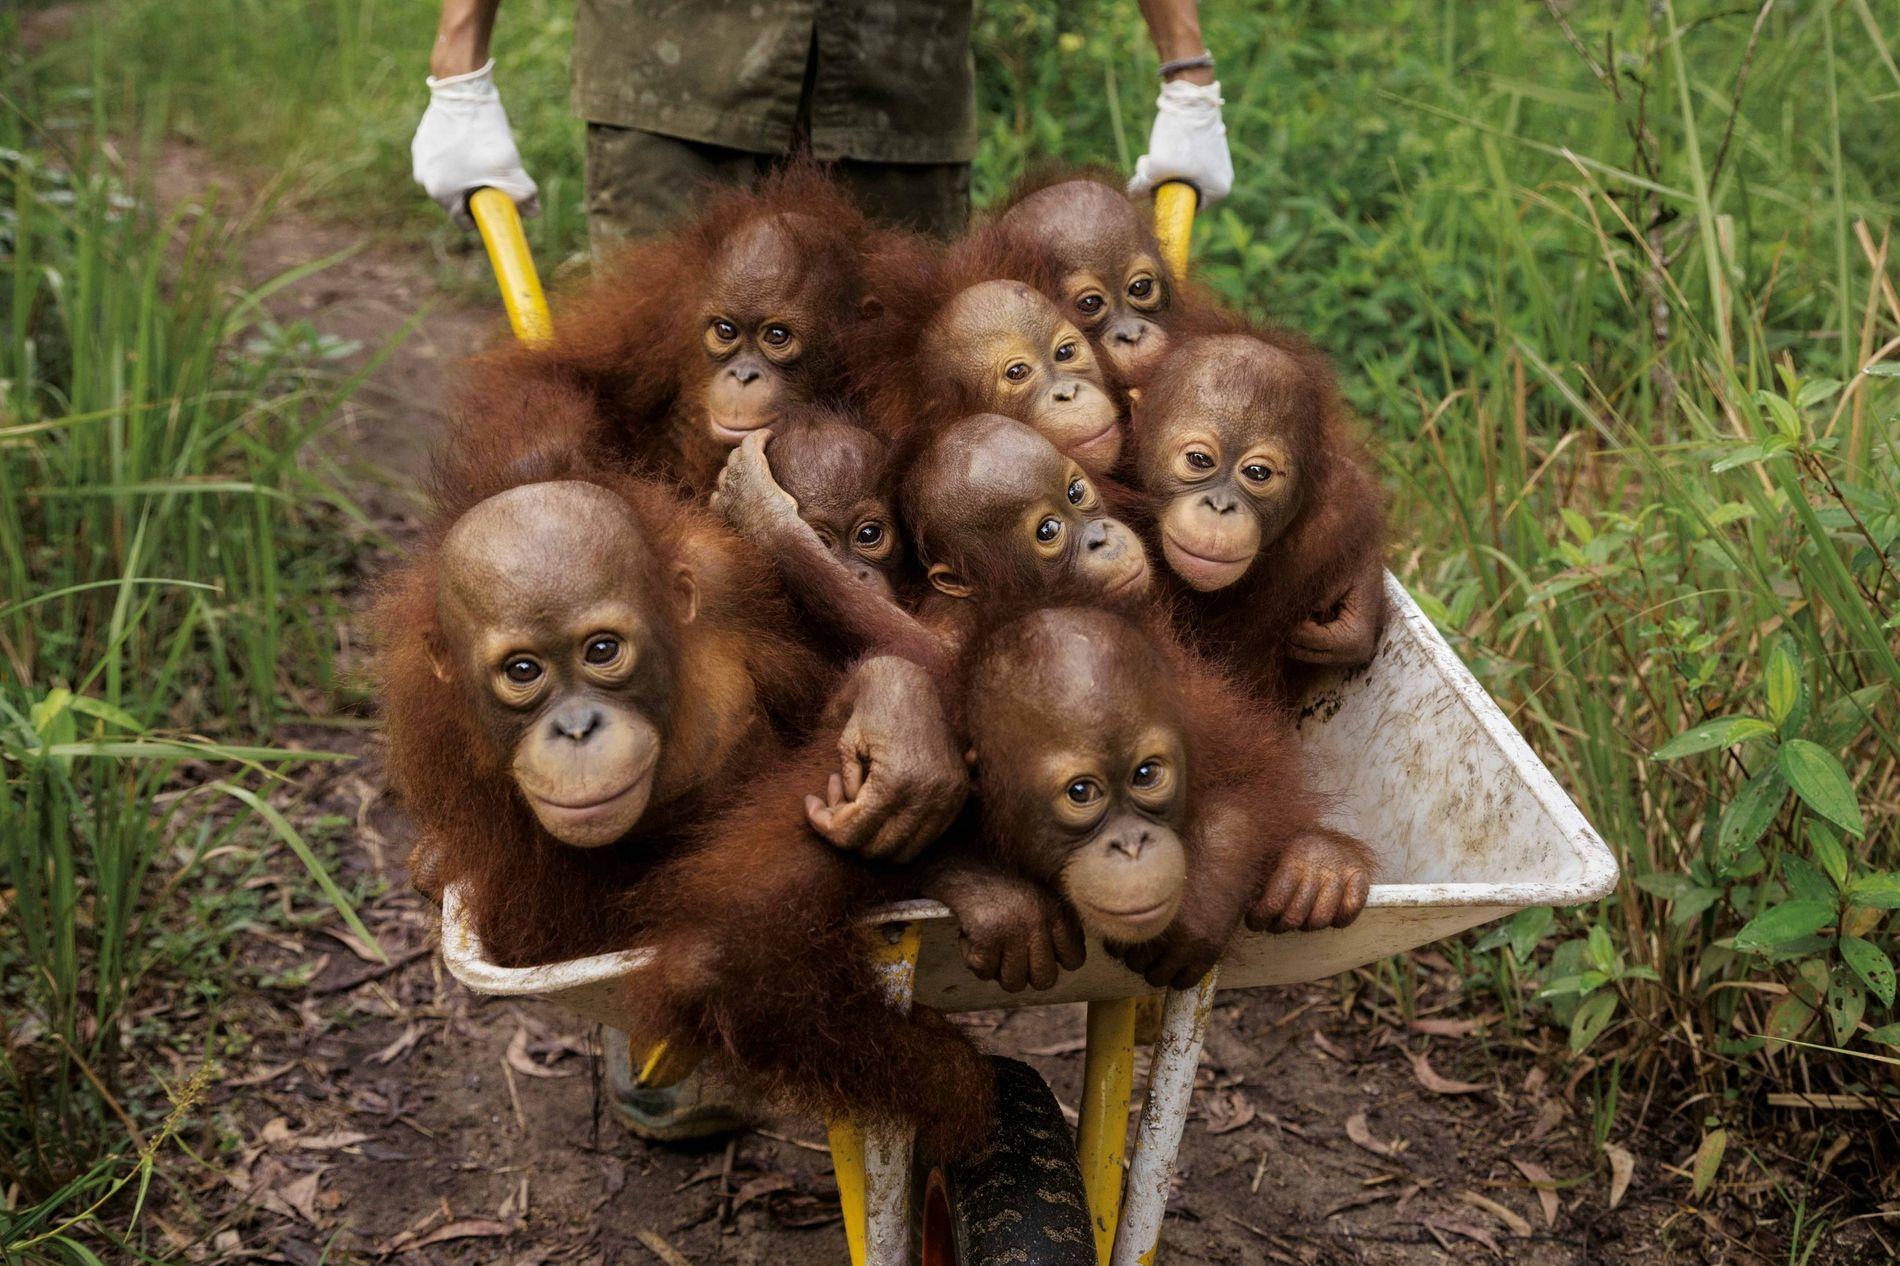 Au marché noir des animaux de compagnie, le bébé orang-outan vaut cher. Comme sa maman est ...